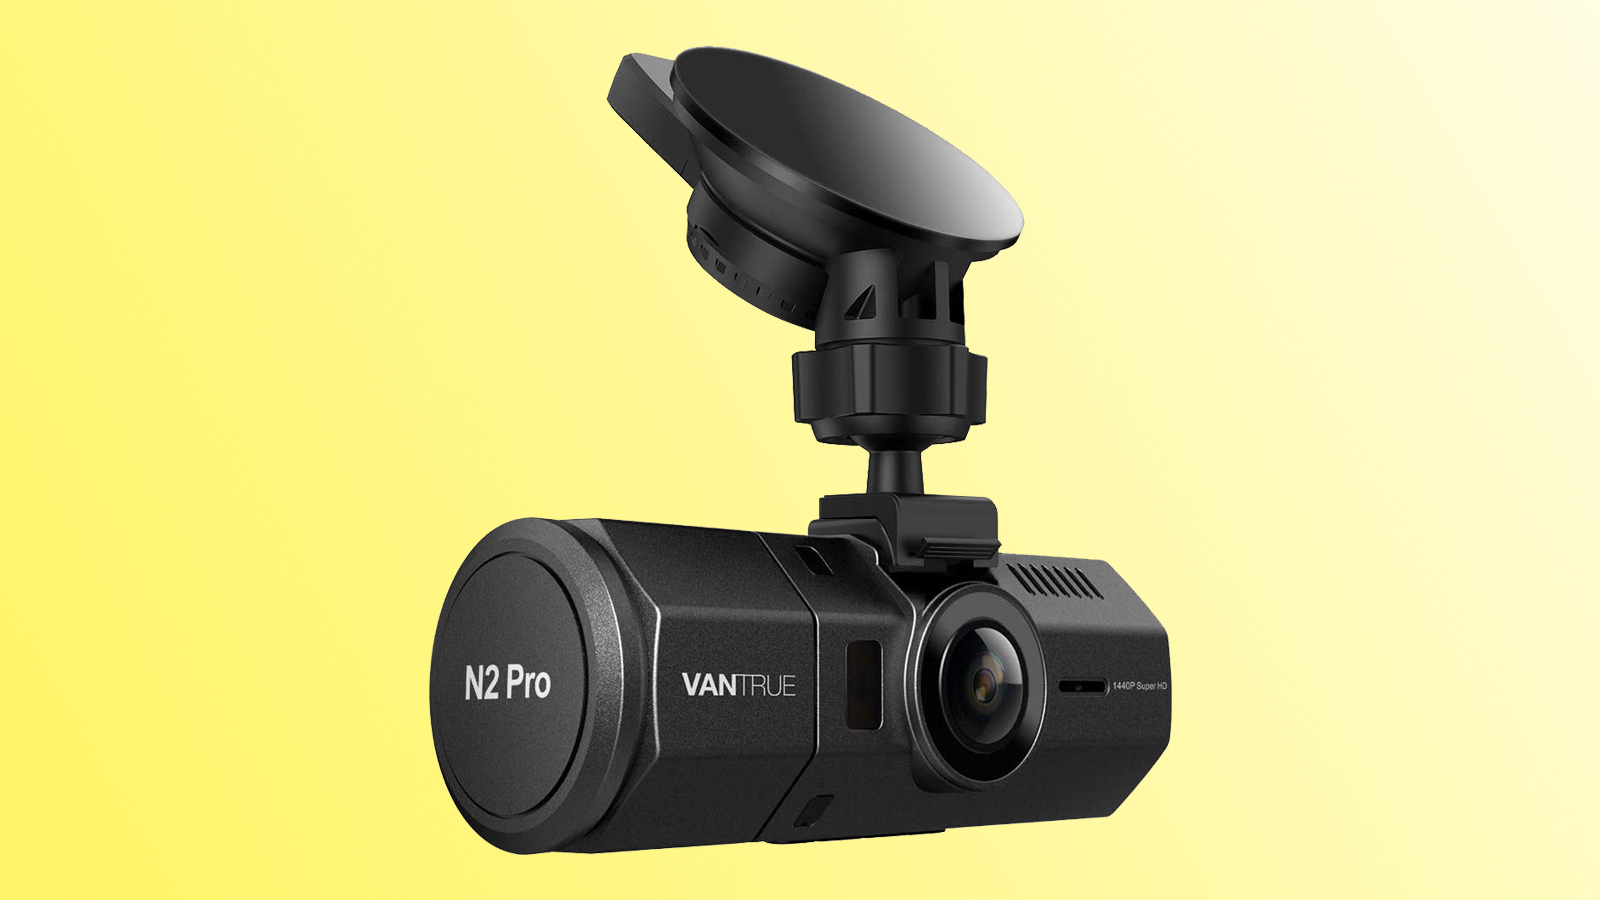 Vantrue N2 Pro